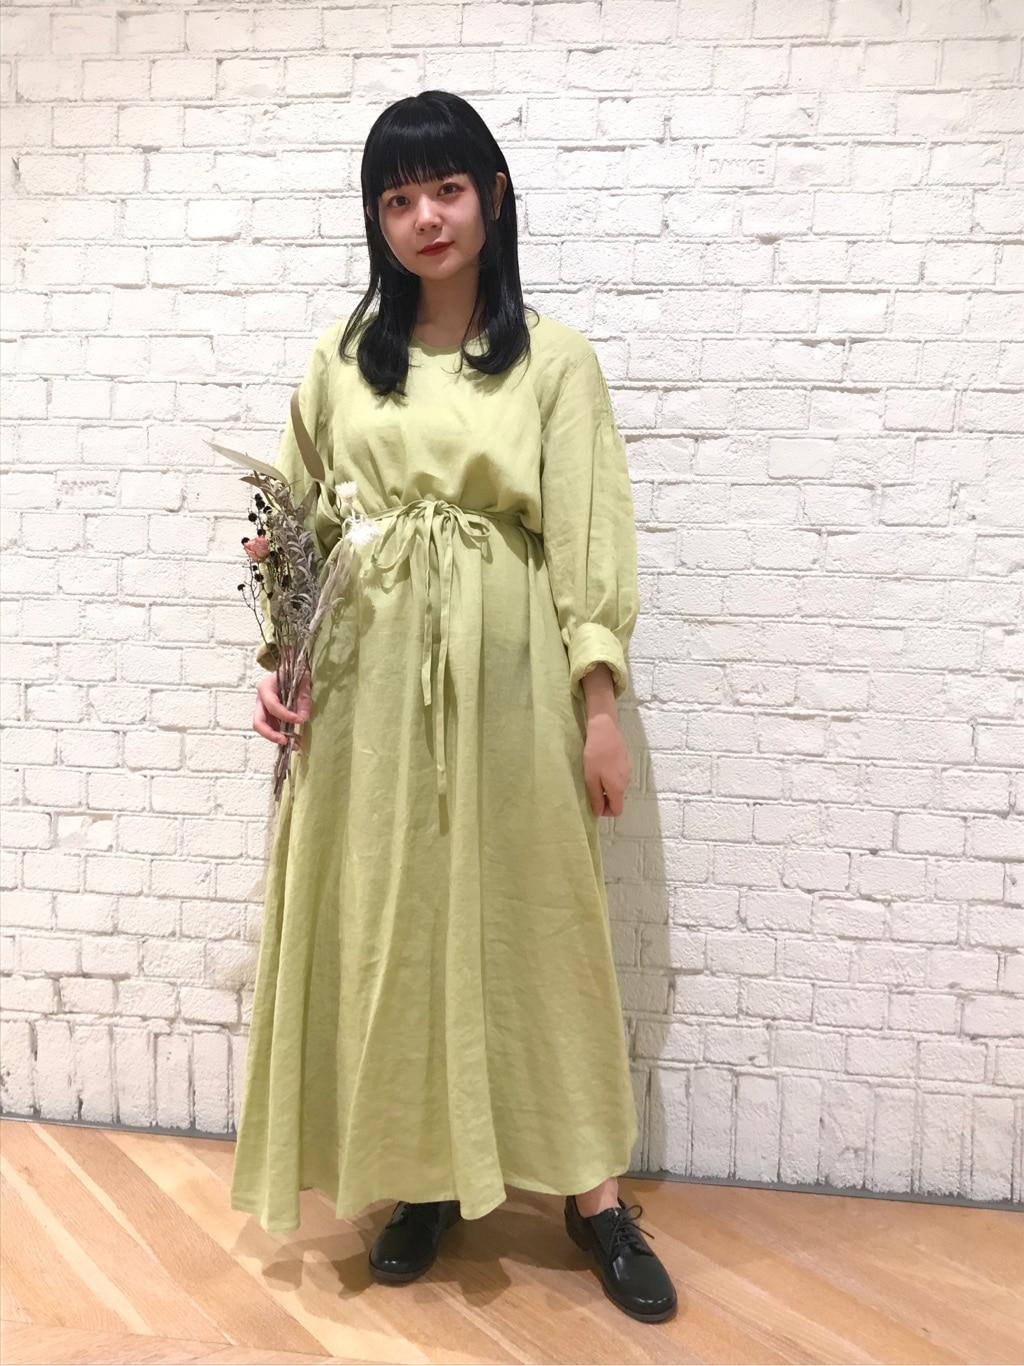 l'atelier du savon 東京スカイツリータウン・ソラマチ 身長:154cm 2020.06.09